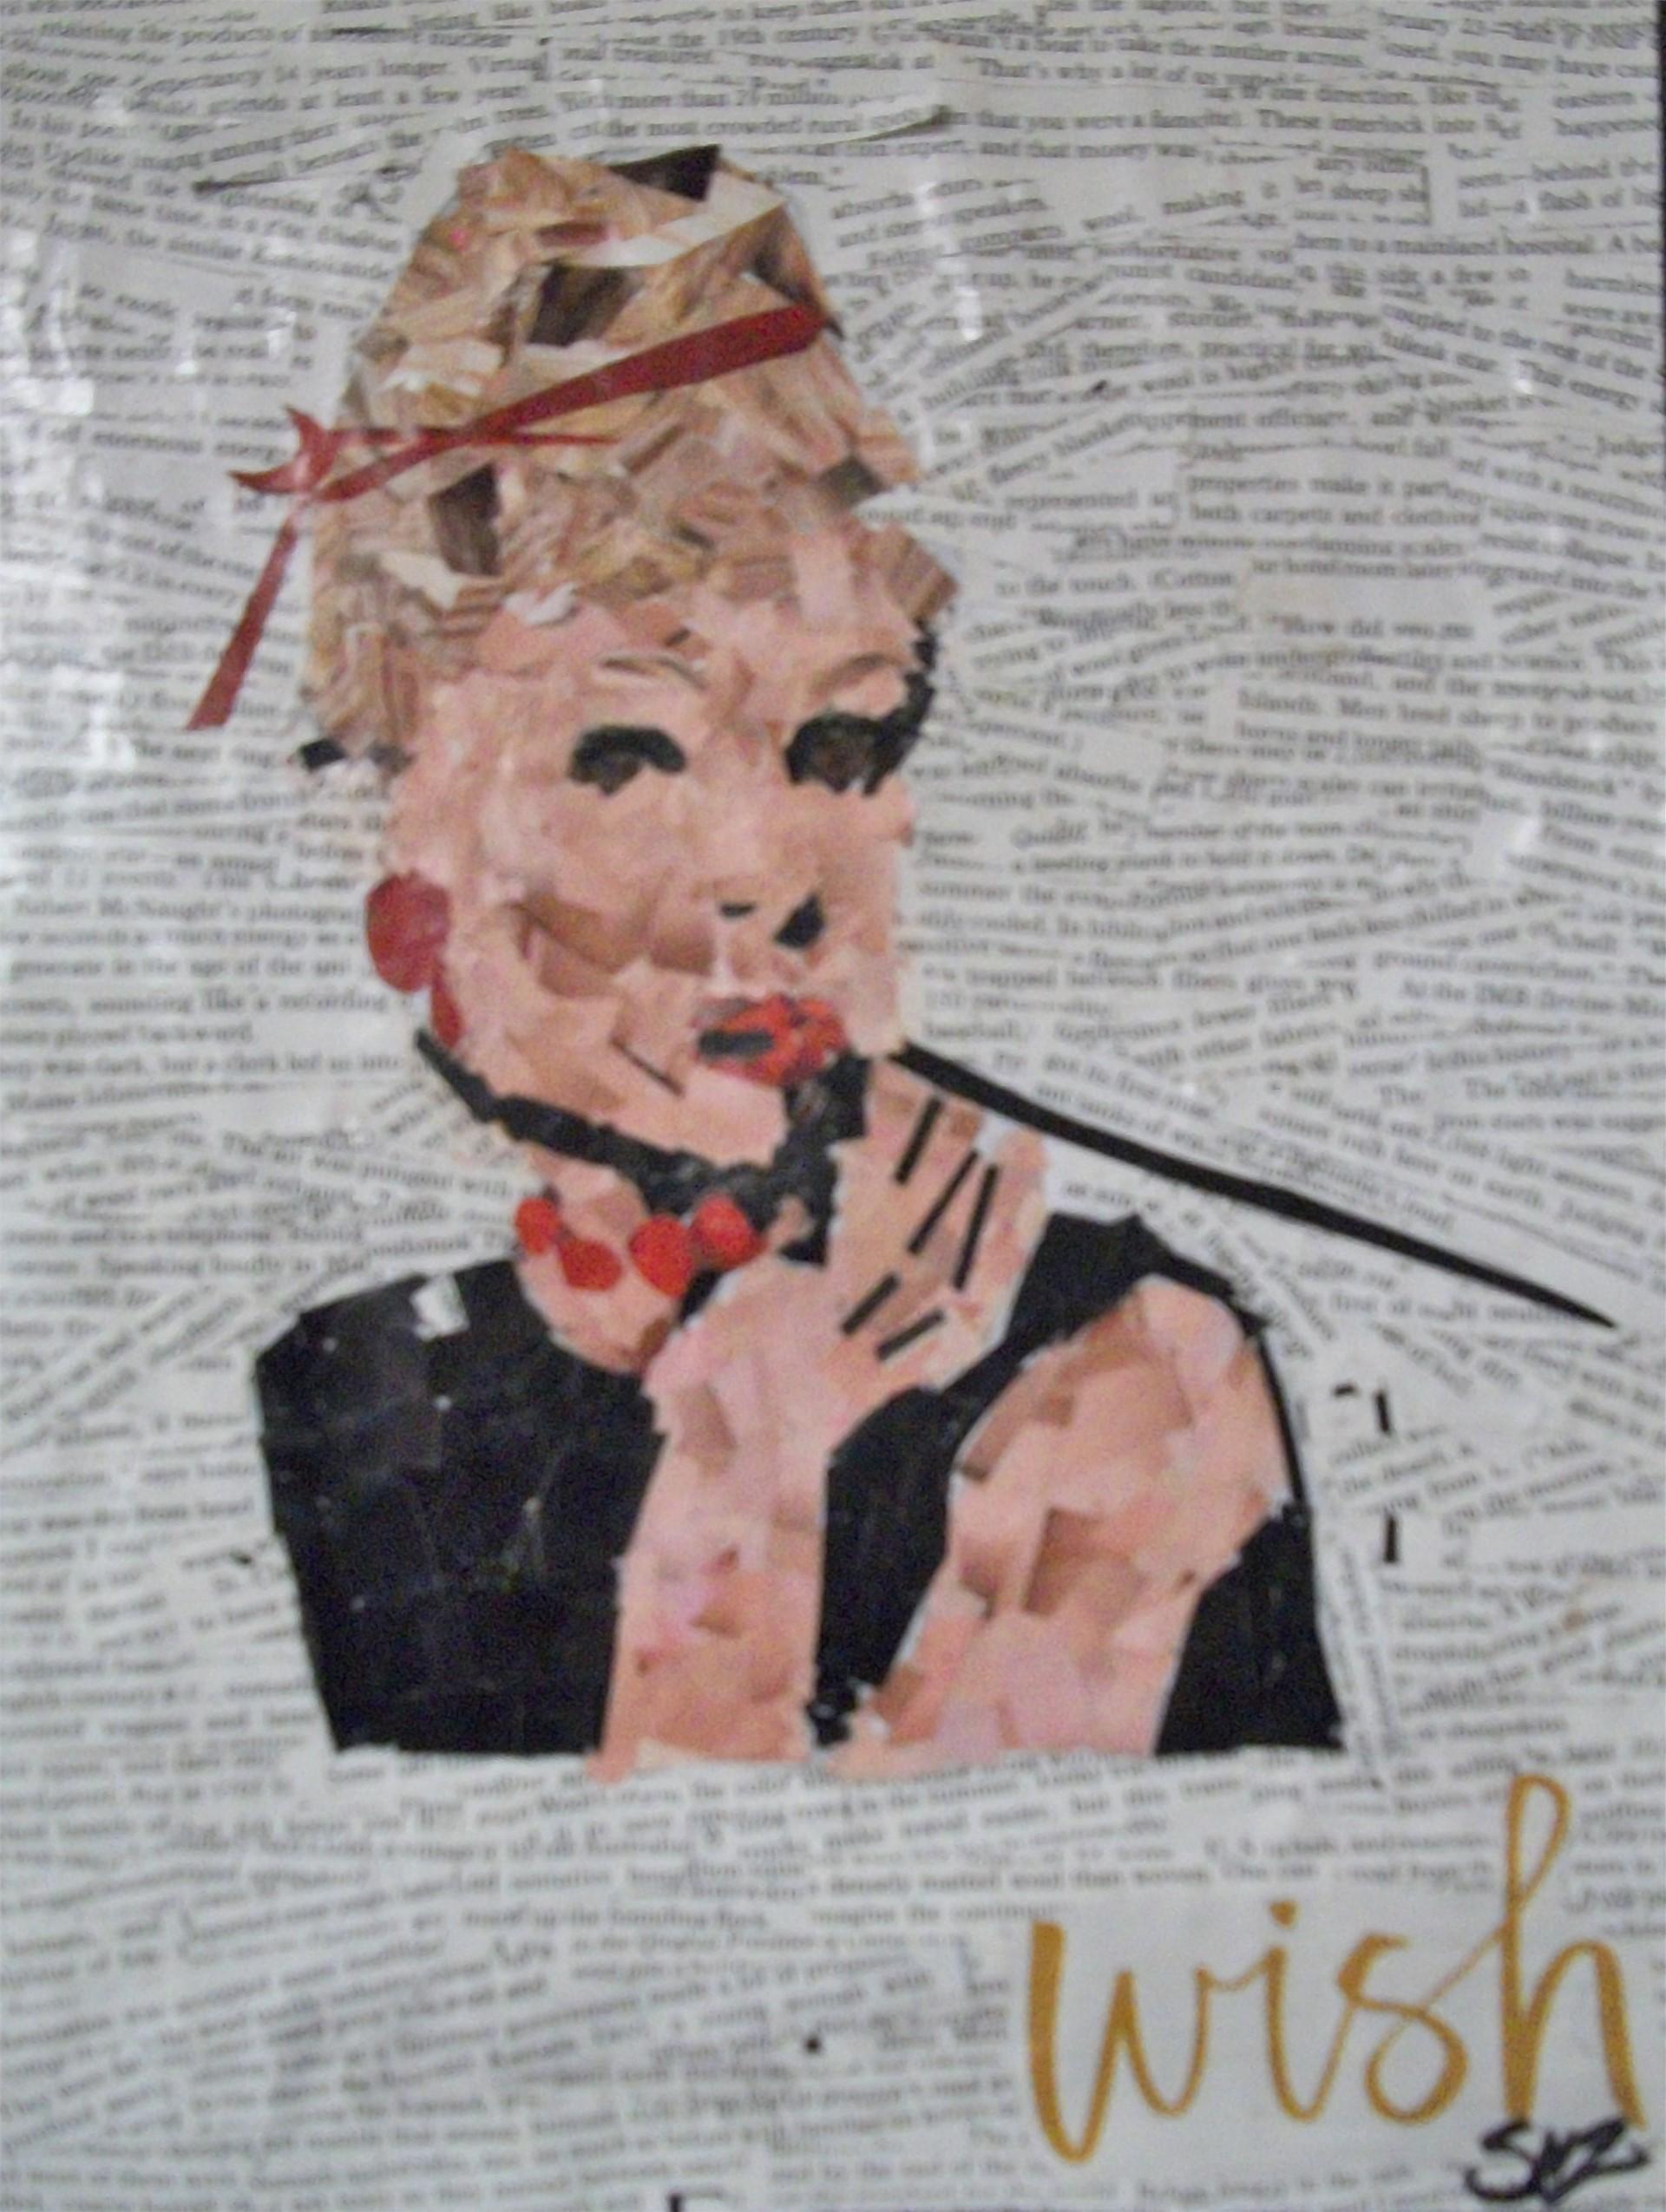 'Audrey' Collage Color Paper by Senior Sreydy Mareya Ziobro